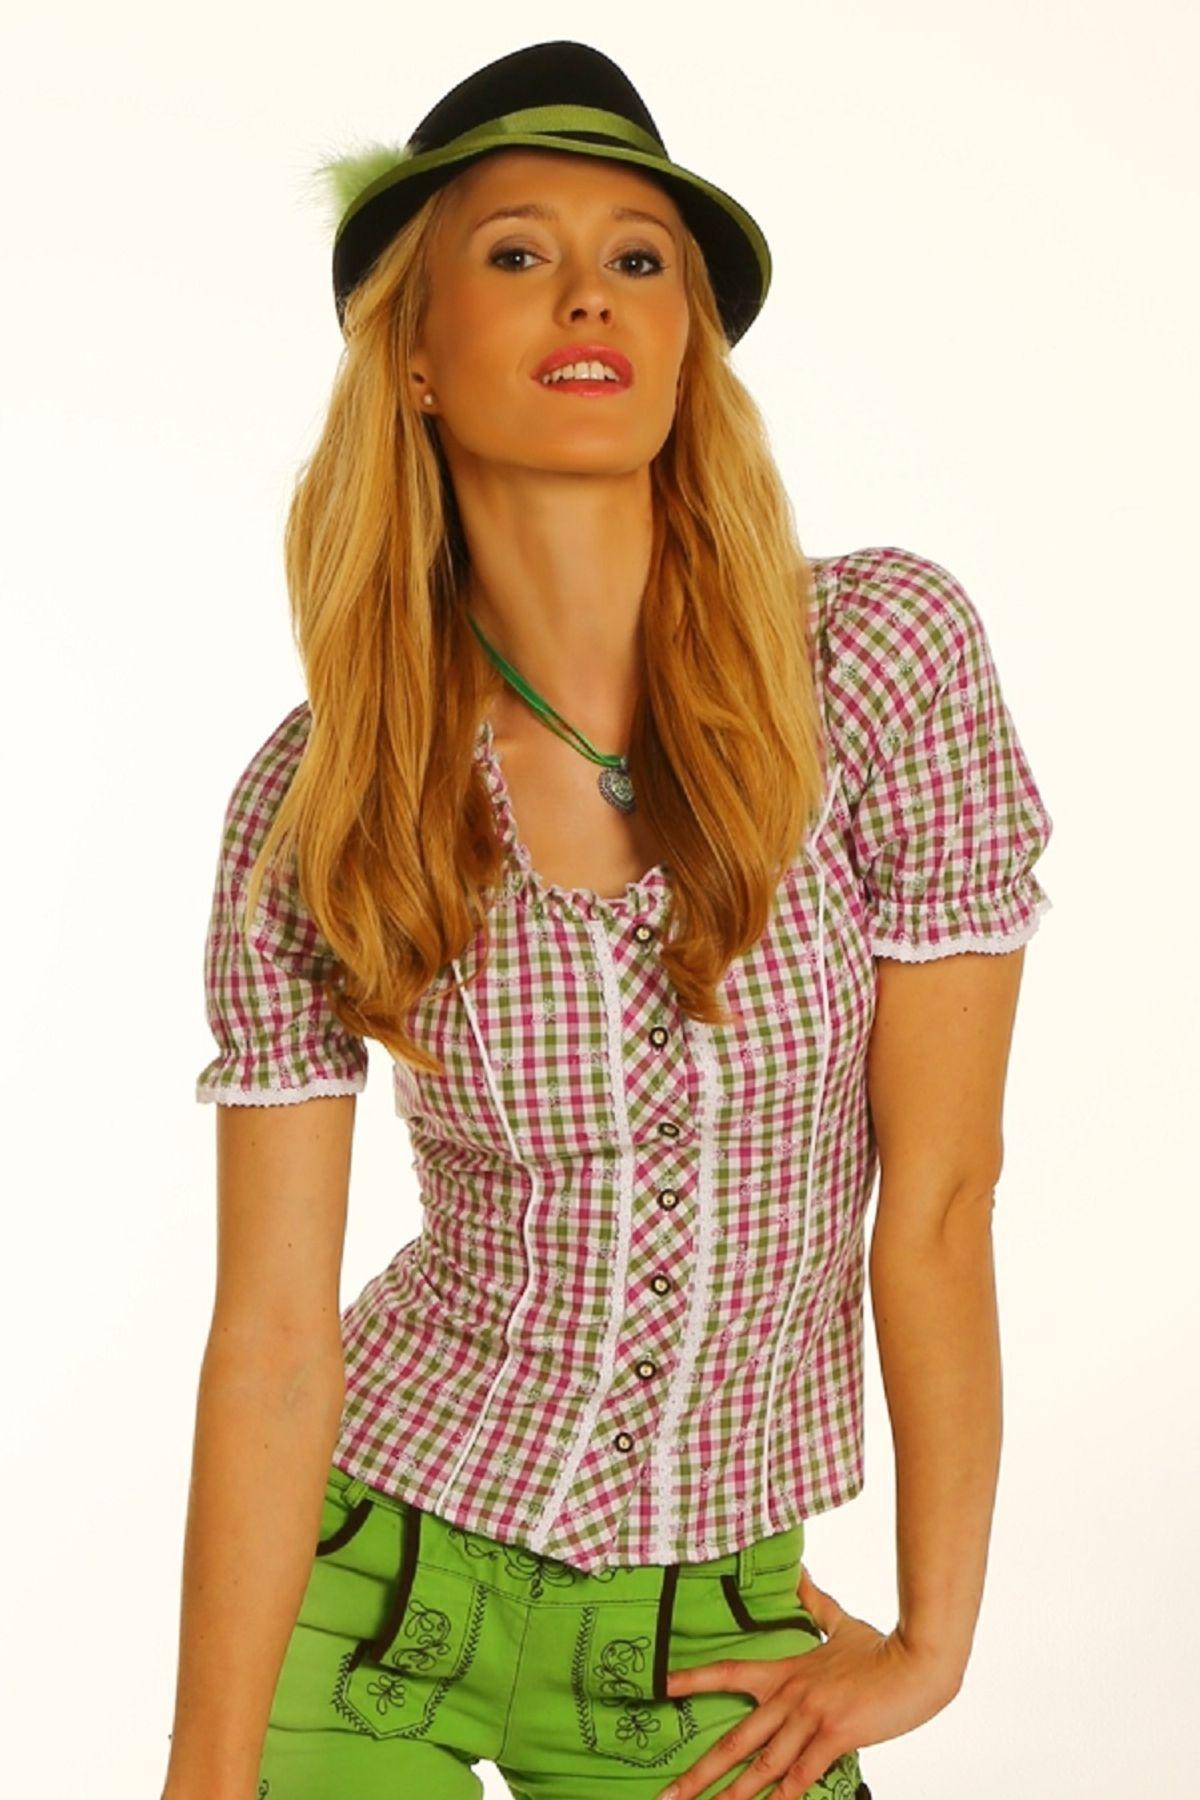 Fuchs Trachten - Damen Trachten Bluse in versch. Farben, (Artikelnummer: 4540) – Bild 15